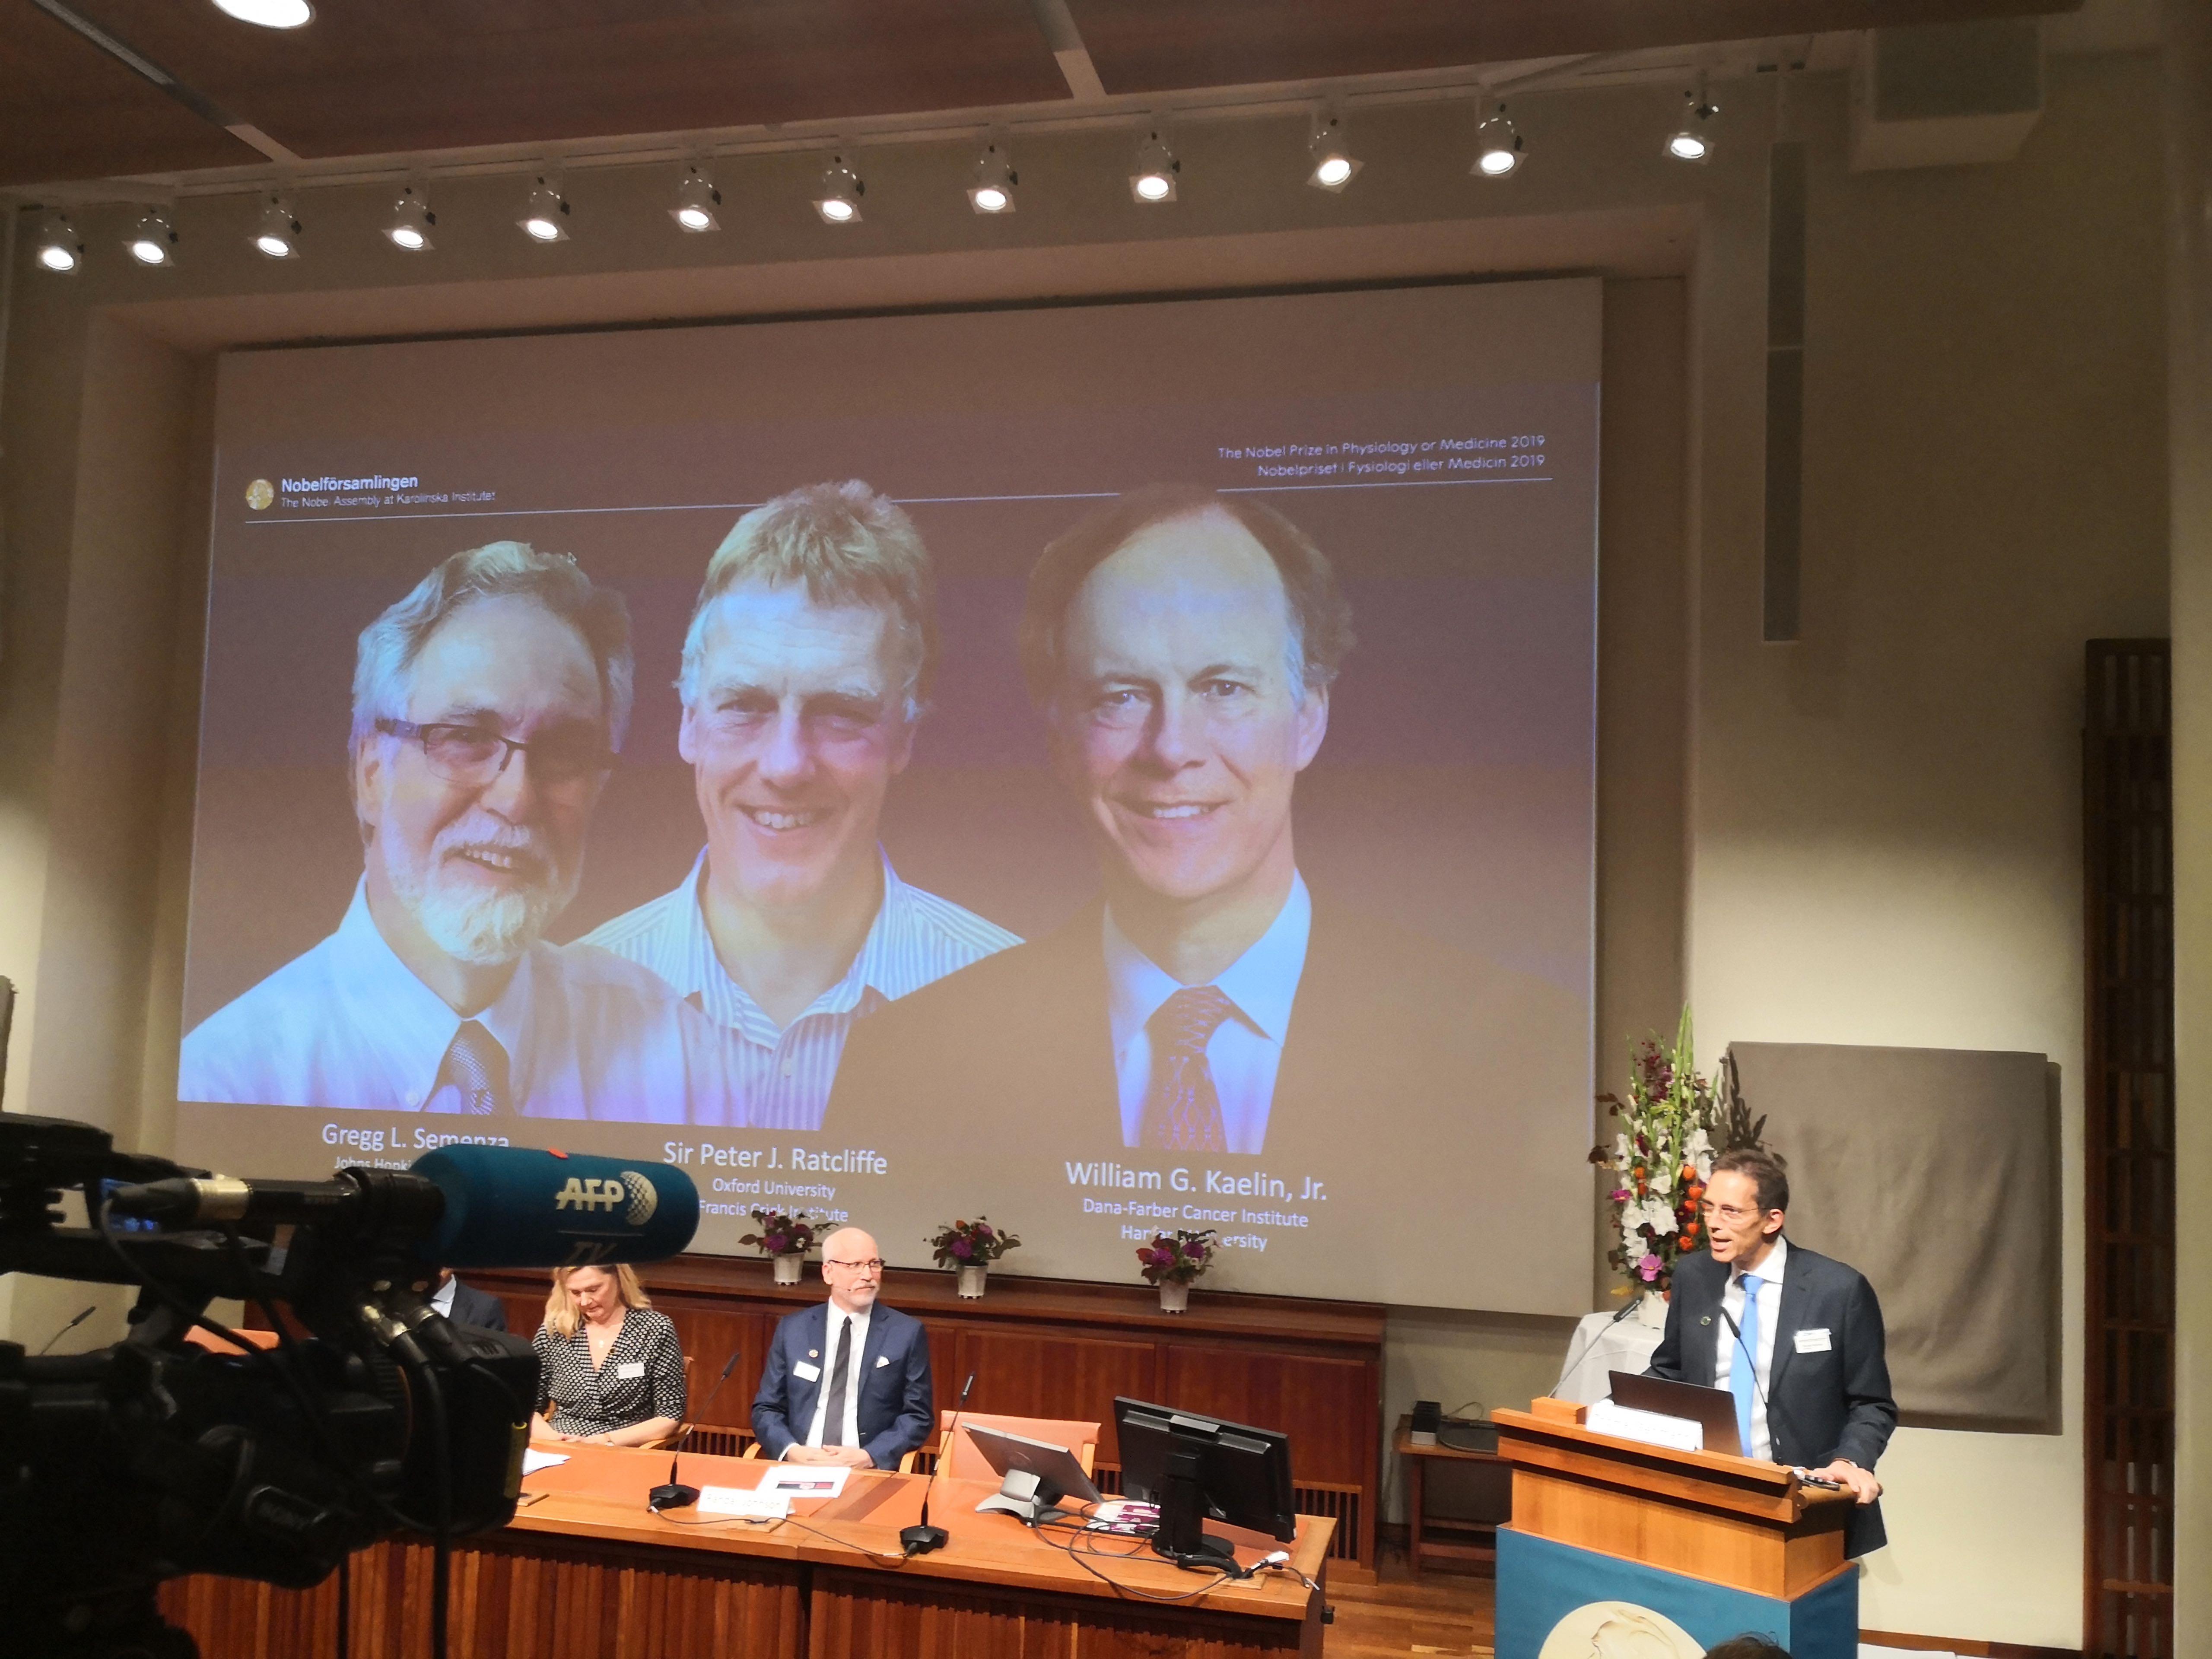 2019诺贝尔生理学或医学奖在瑞典揭晓